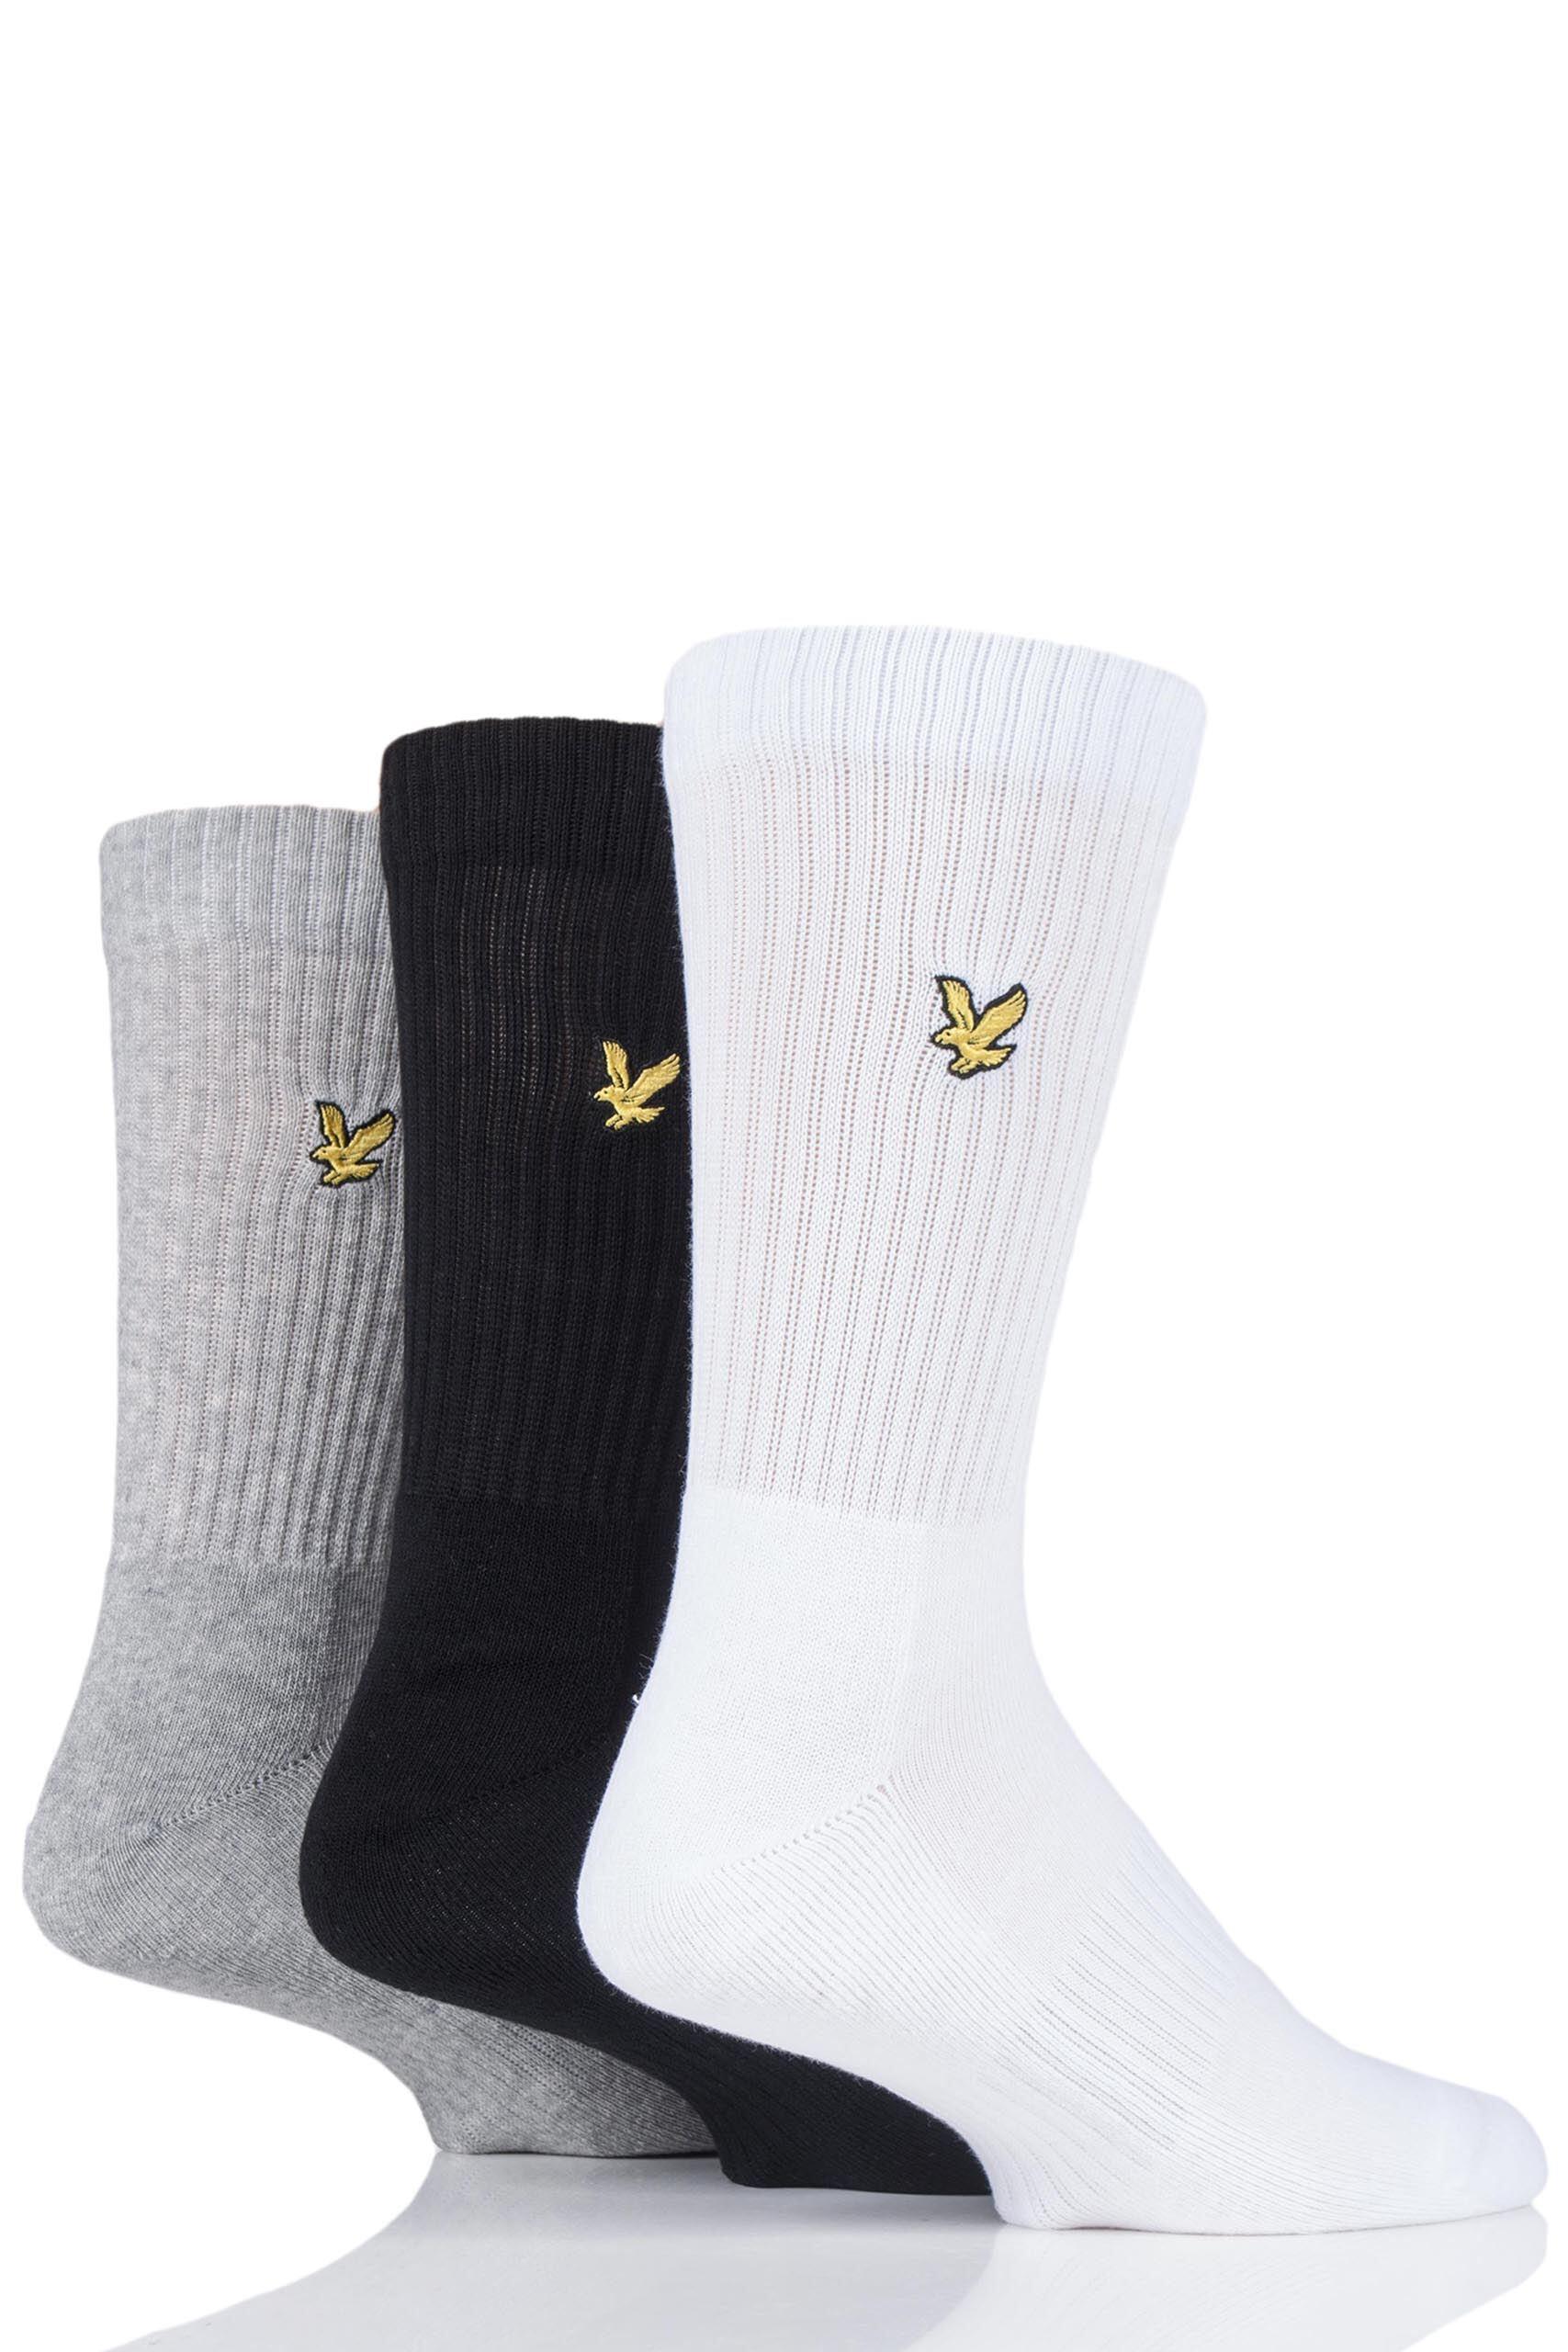 Image of 3 Pair Assorted Hamilton Plain Cotton Sports Socks Men's 7-11 Mens - Lyle & Scott